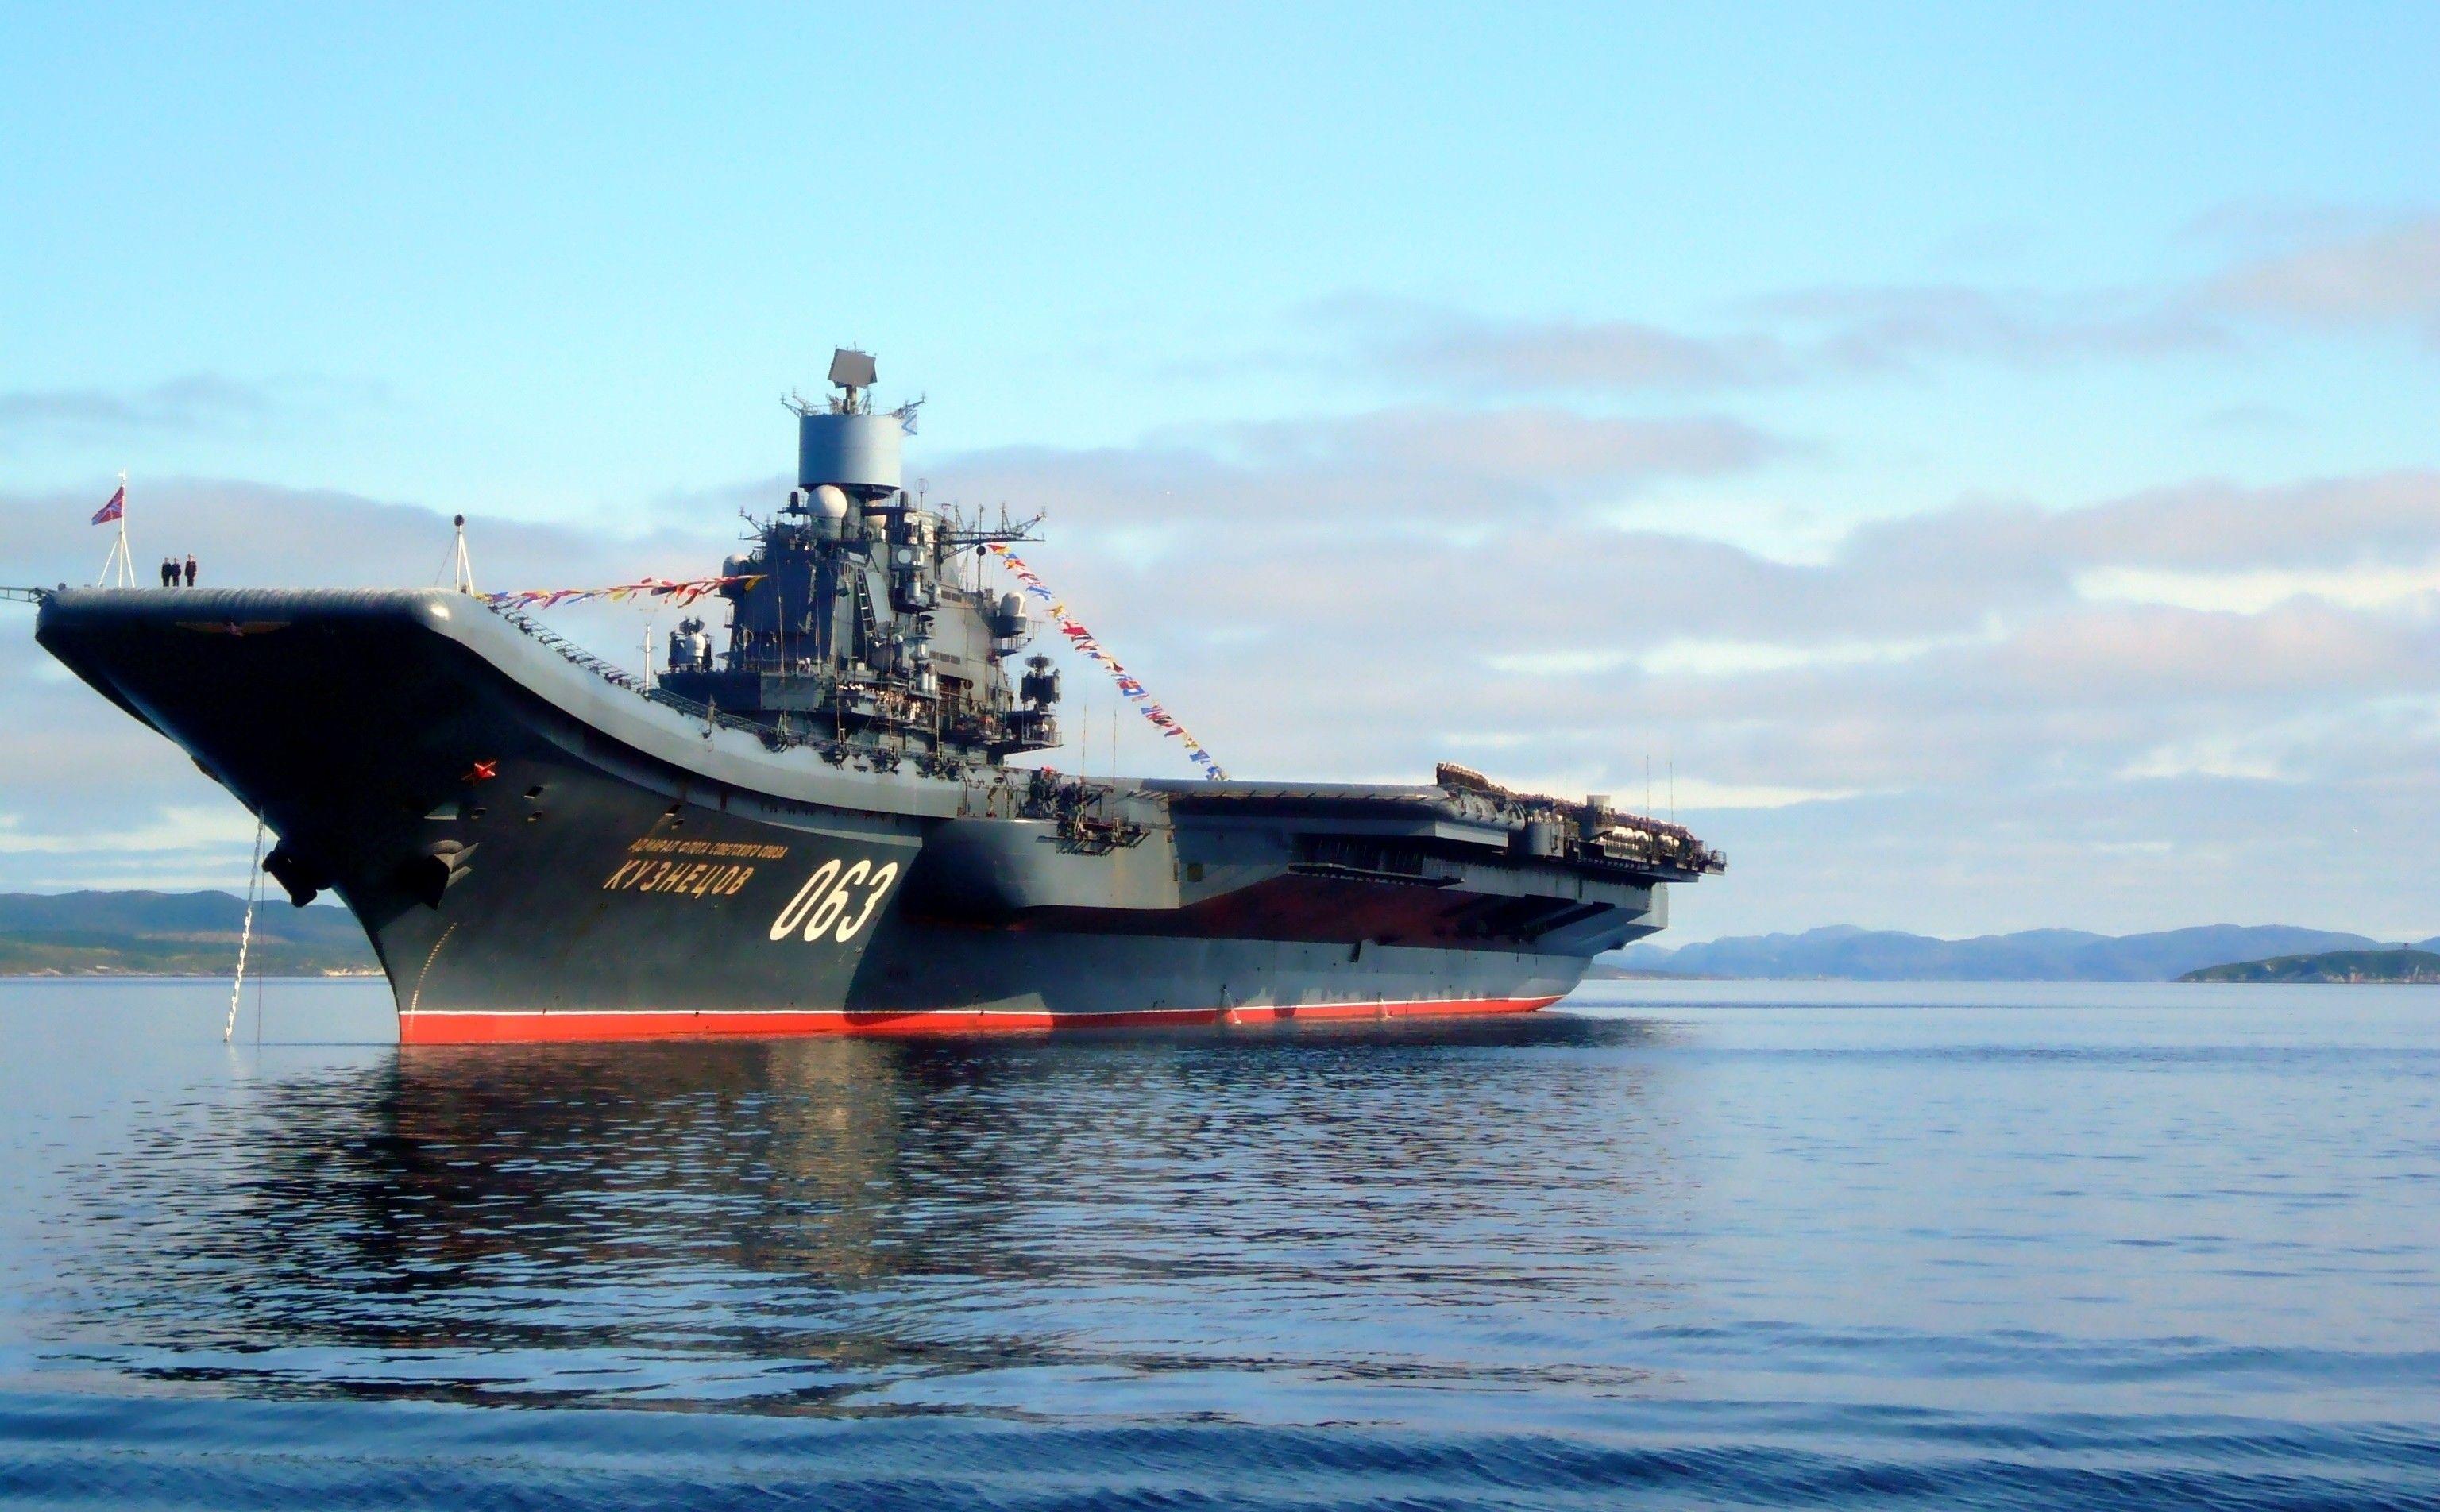 ТАВКР Адмирал Кузнецов